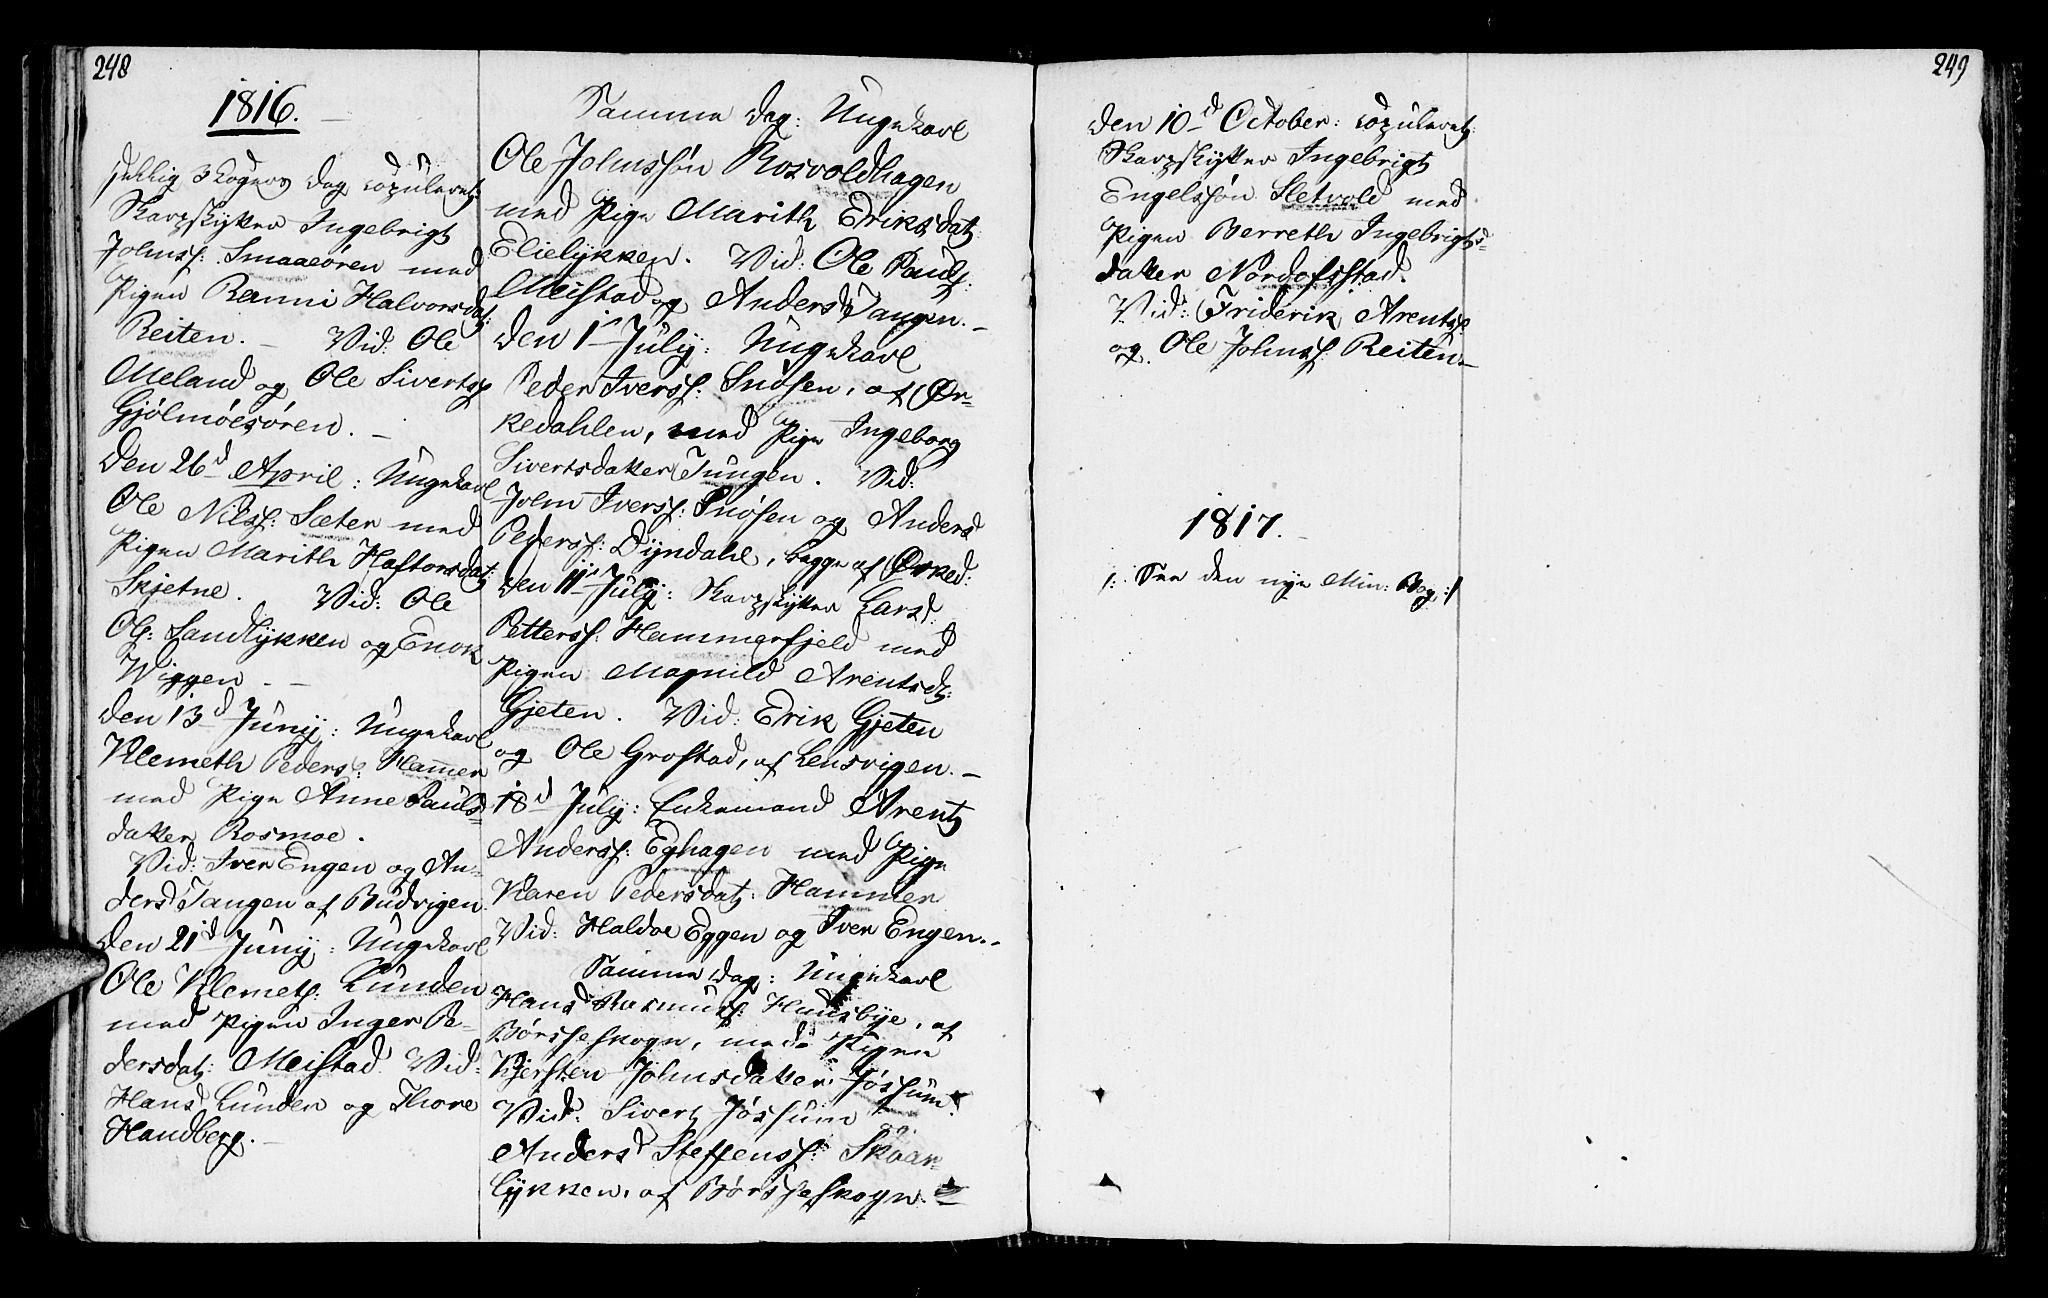 SAT, Ministerialprotokoller, klokkerbøker og fødselsregistre - Sør-Trøndelag, 665/L0769: Ministerialbok nr. 665A04, 1803-1816, s. 248-249